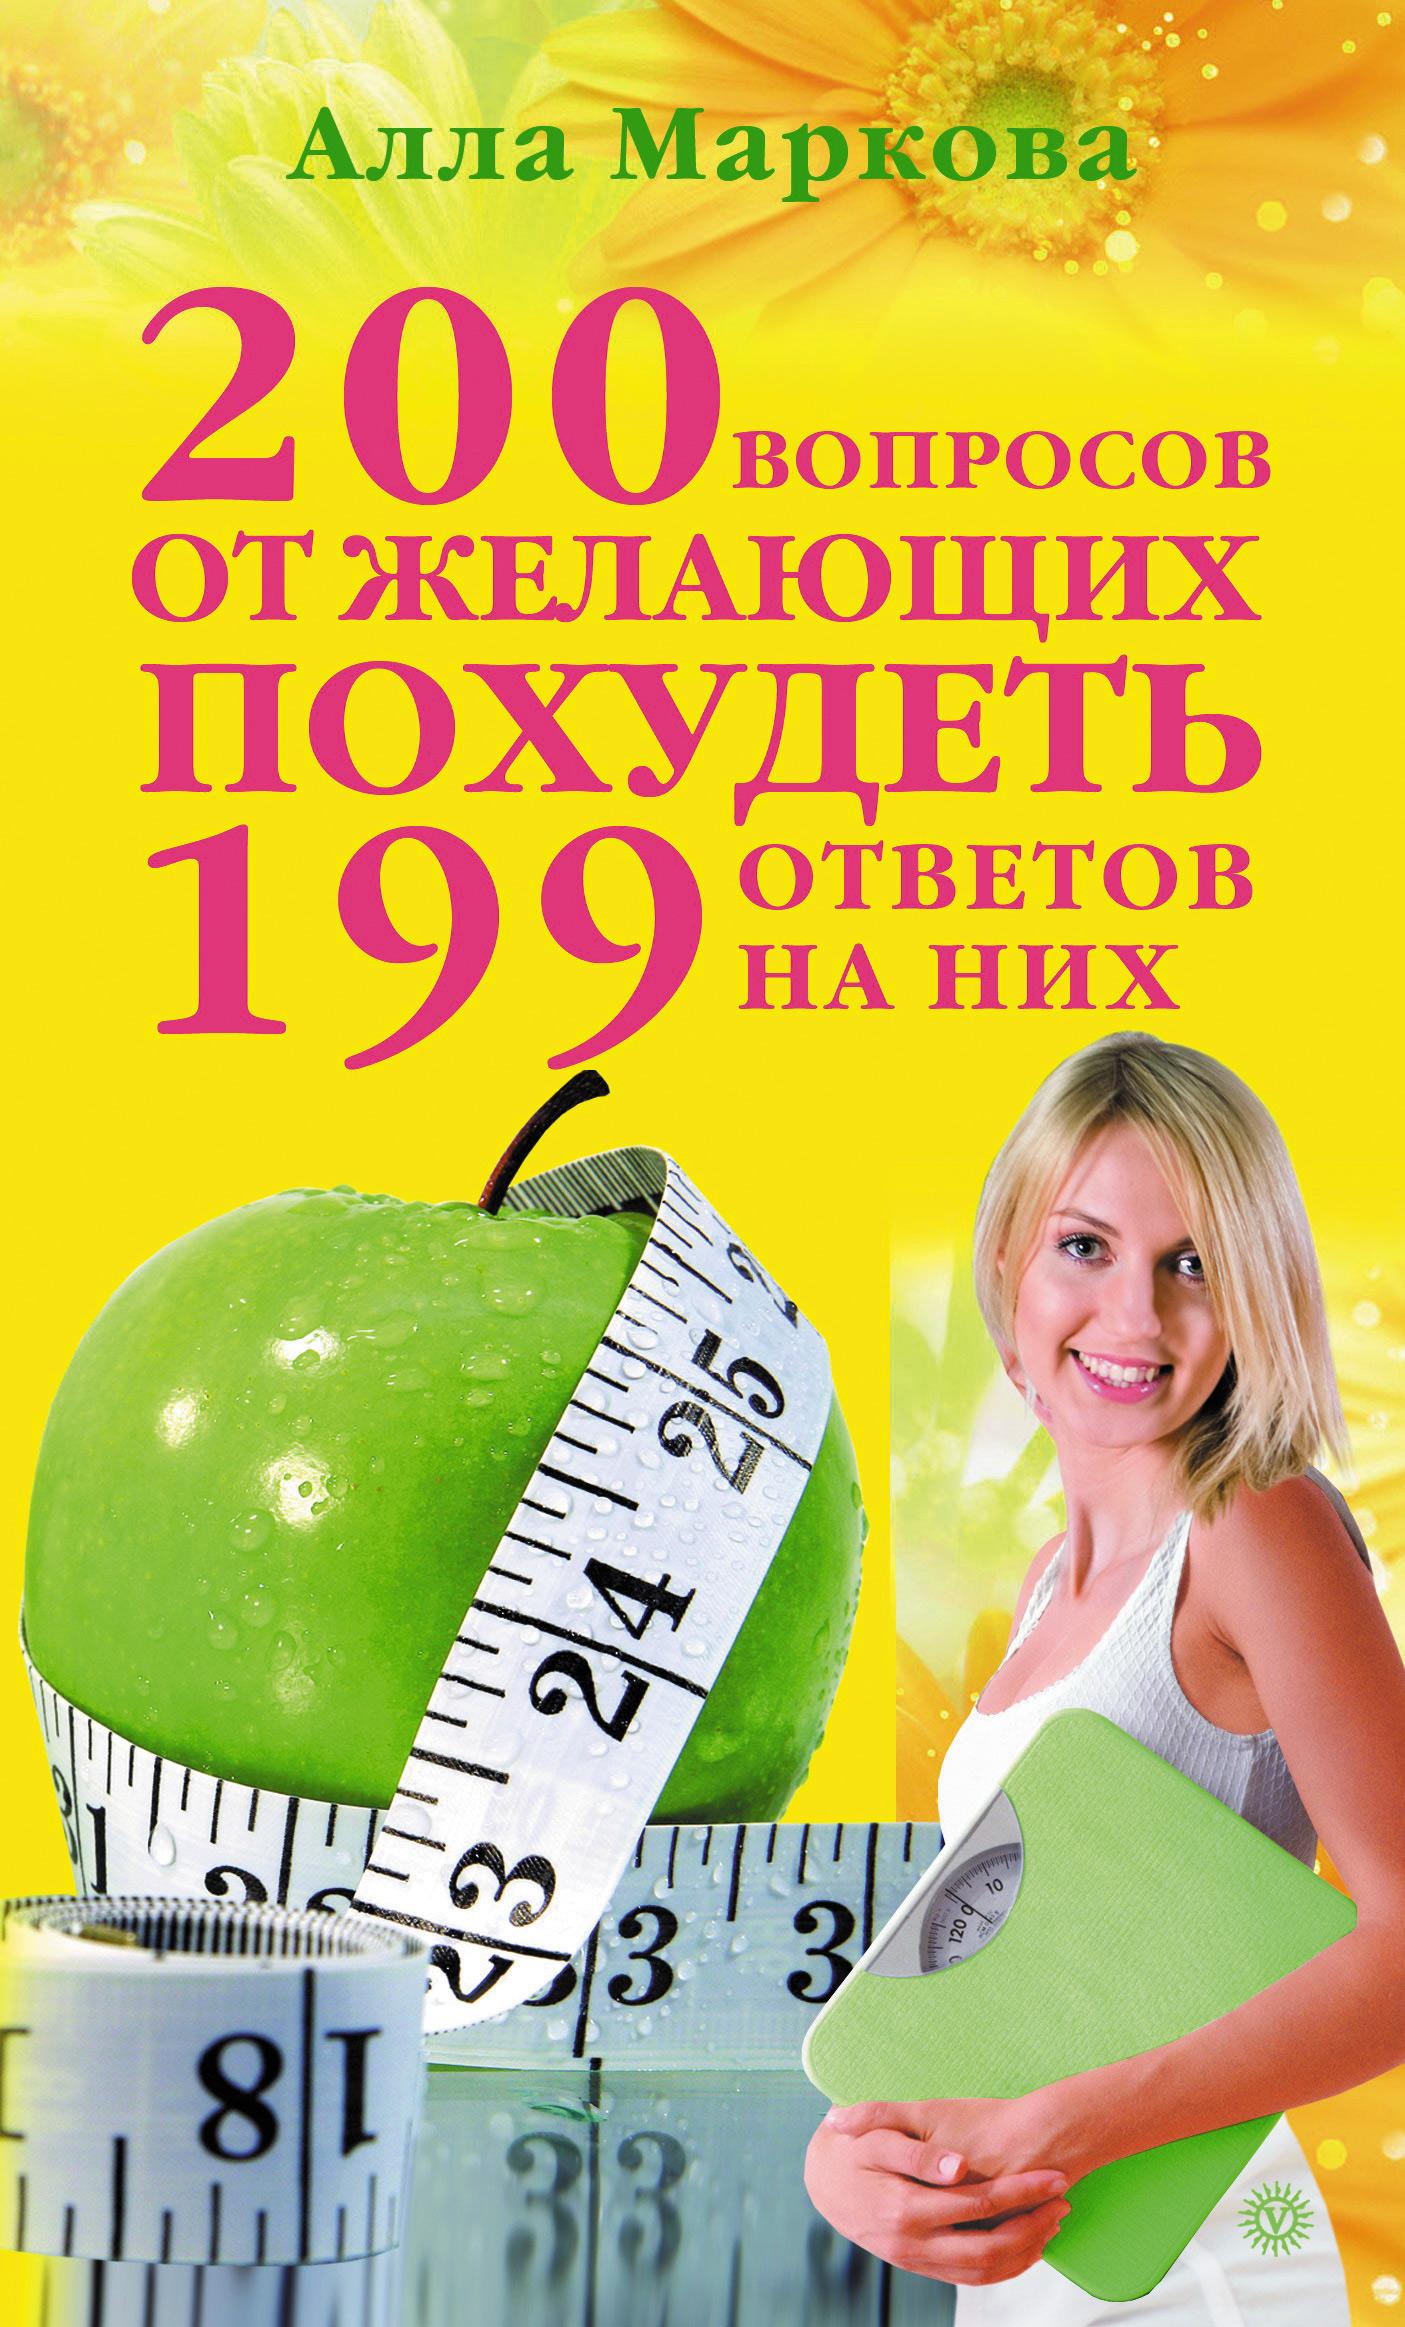 Алла Маркова 200 вопросов от желающих похудеть и 199 ответов на них